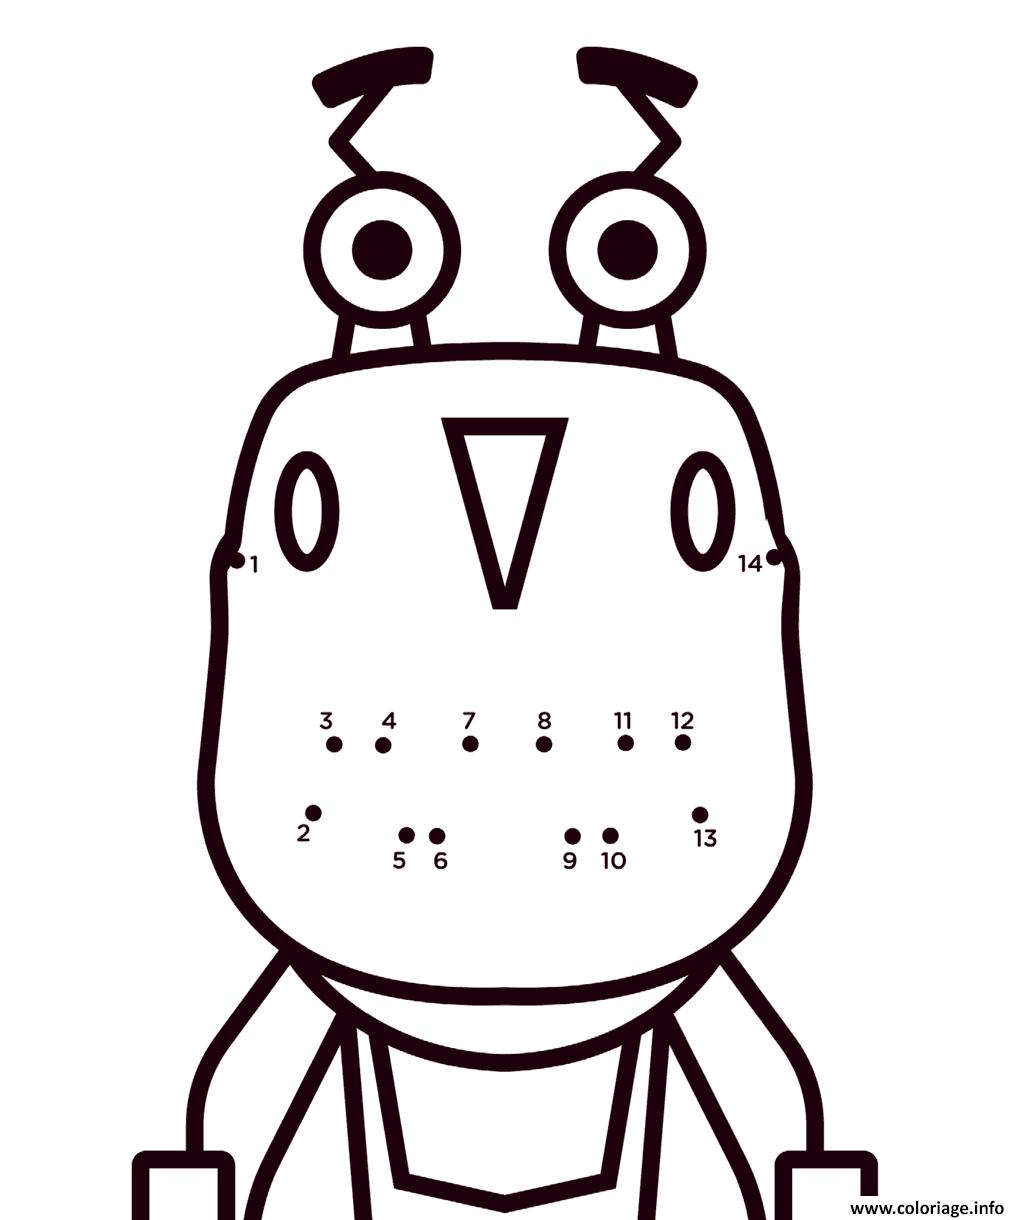 Dessin Rusty Rivets Easy Connect the Dots Coloriage Gratuit à Imprimer